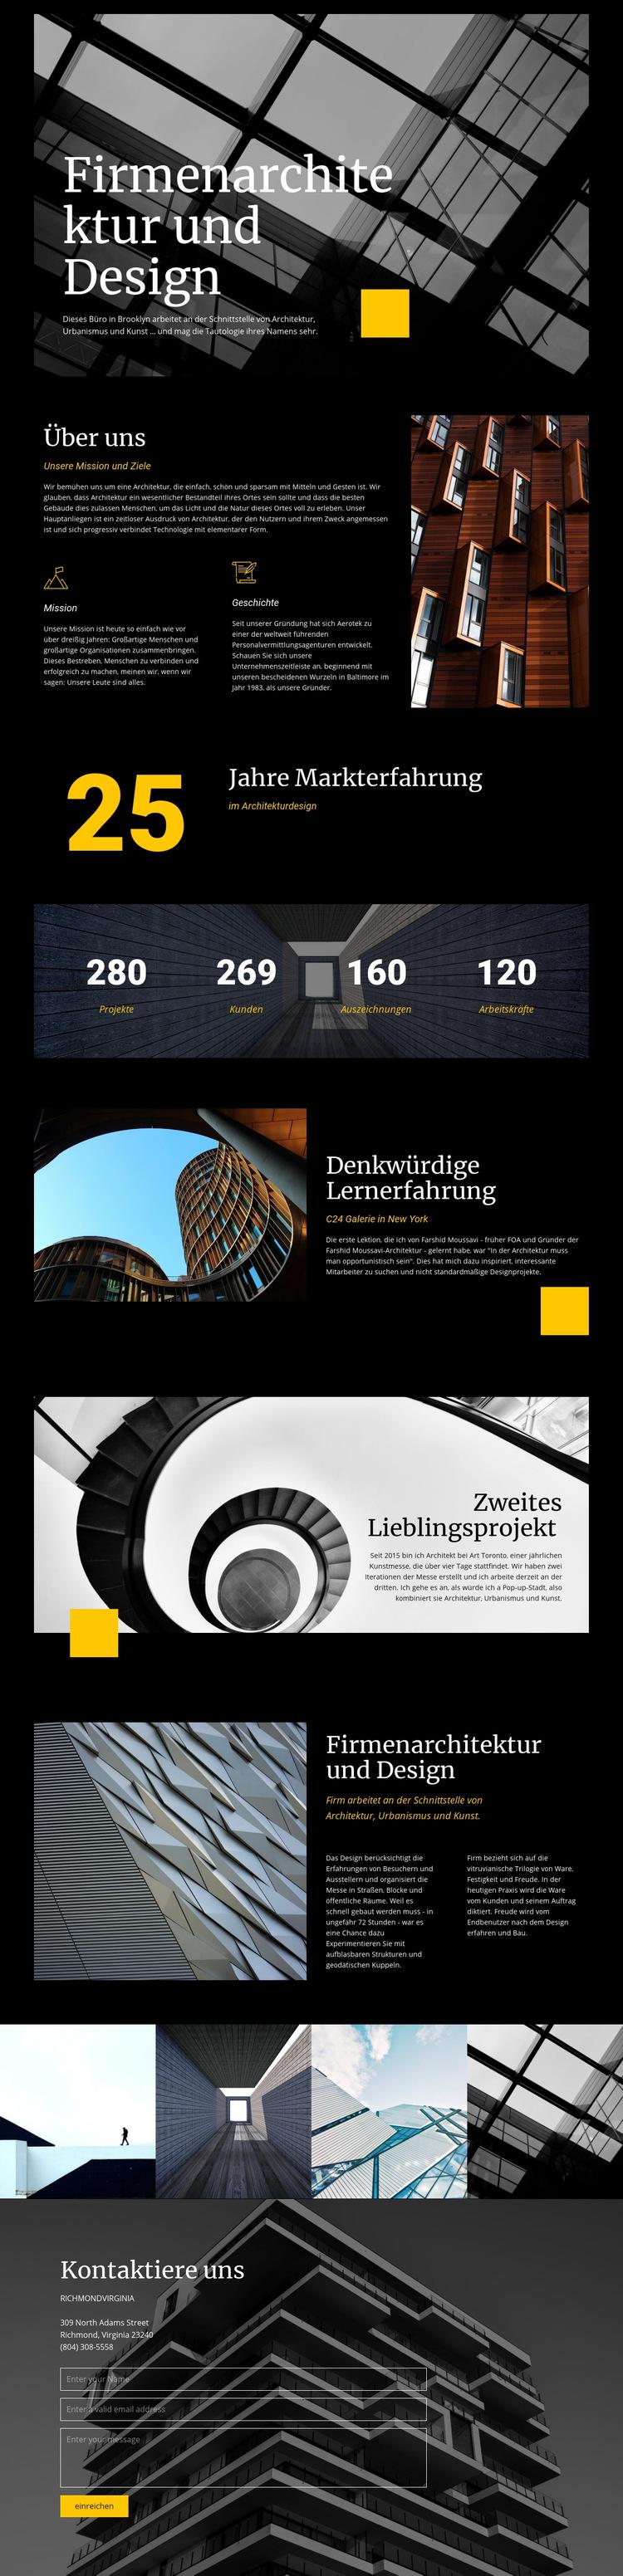 Firmenarchitektur und Design Website-Vorlage